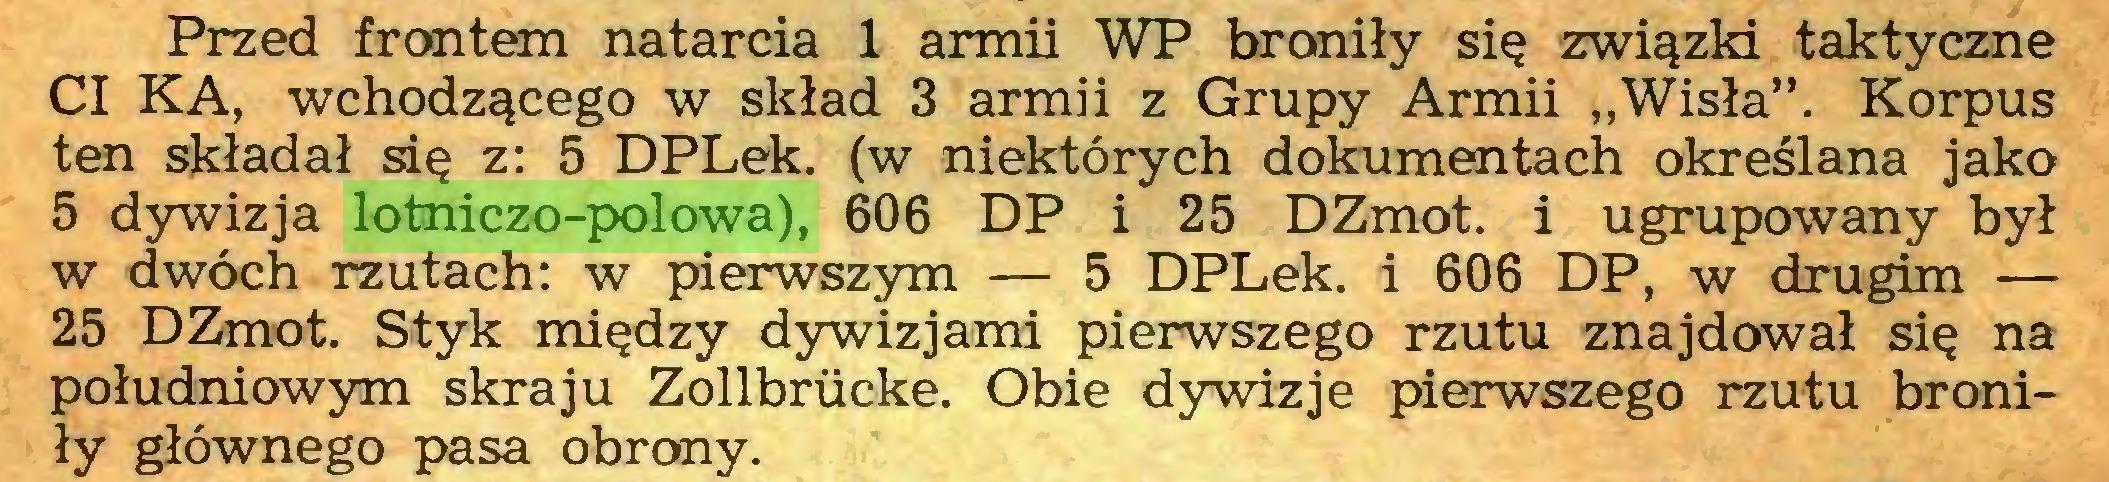 """(...) Przed frontem natarcia 1 armii WP broniły się związki taktyczne CI KA, wchodzącego w skład 3 armii z Grupy Armii """"Wisła"""". Korpus ten składał się z: 5 DPLek. (w niektórych dokumentach określana jako 5 dywizja lotniczo-polowa), 606 DP i 25 DZmot. i ugrupowany był w dwóch rzutach: w pierwszym — 5 DPLek. i 606 DP, w drugim — 25 DZmot. Styk między dywizjami pierwszego rzutu znajdował się na południowym skraju Zollbrucke. Obie dywizje pierwszego rzutu broniły głównego pasa obrony..."""